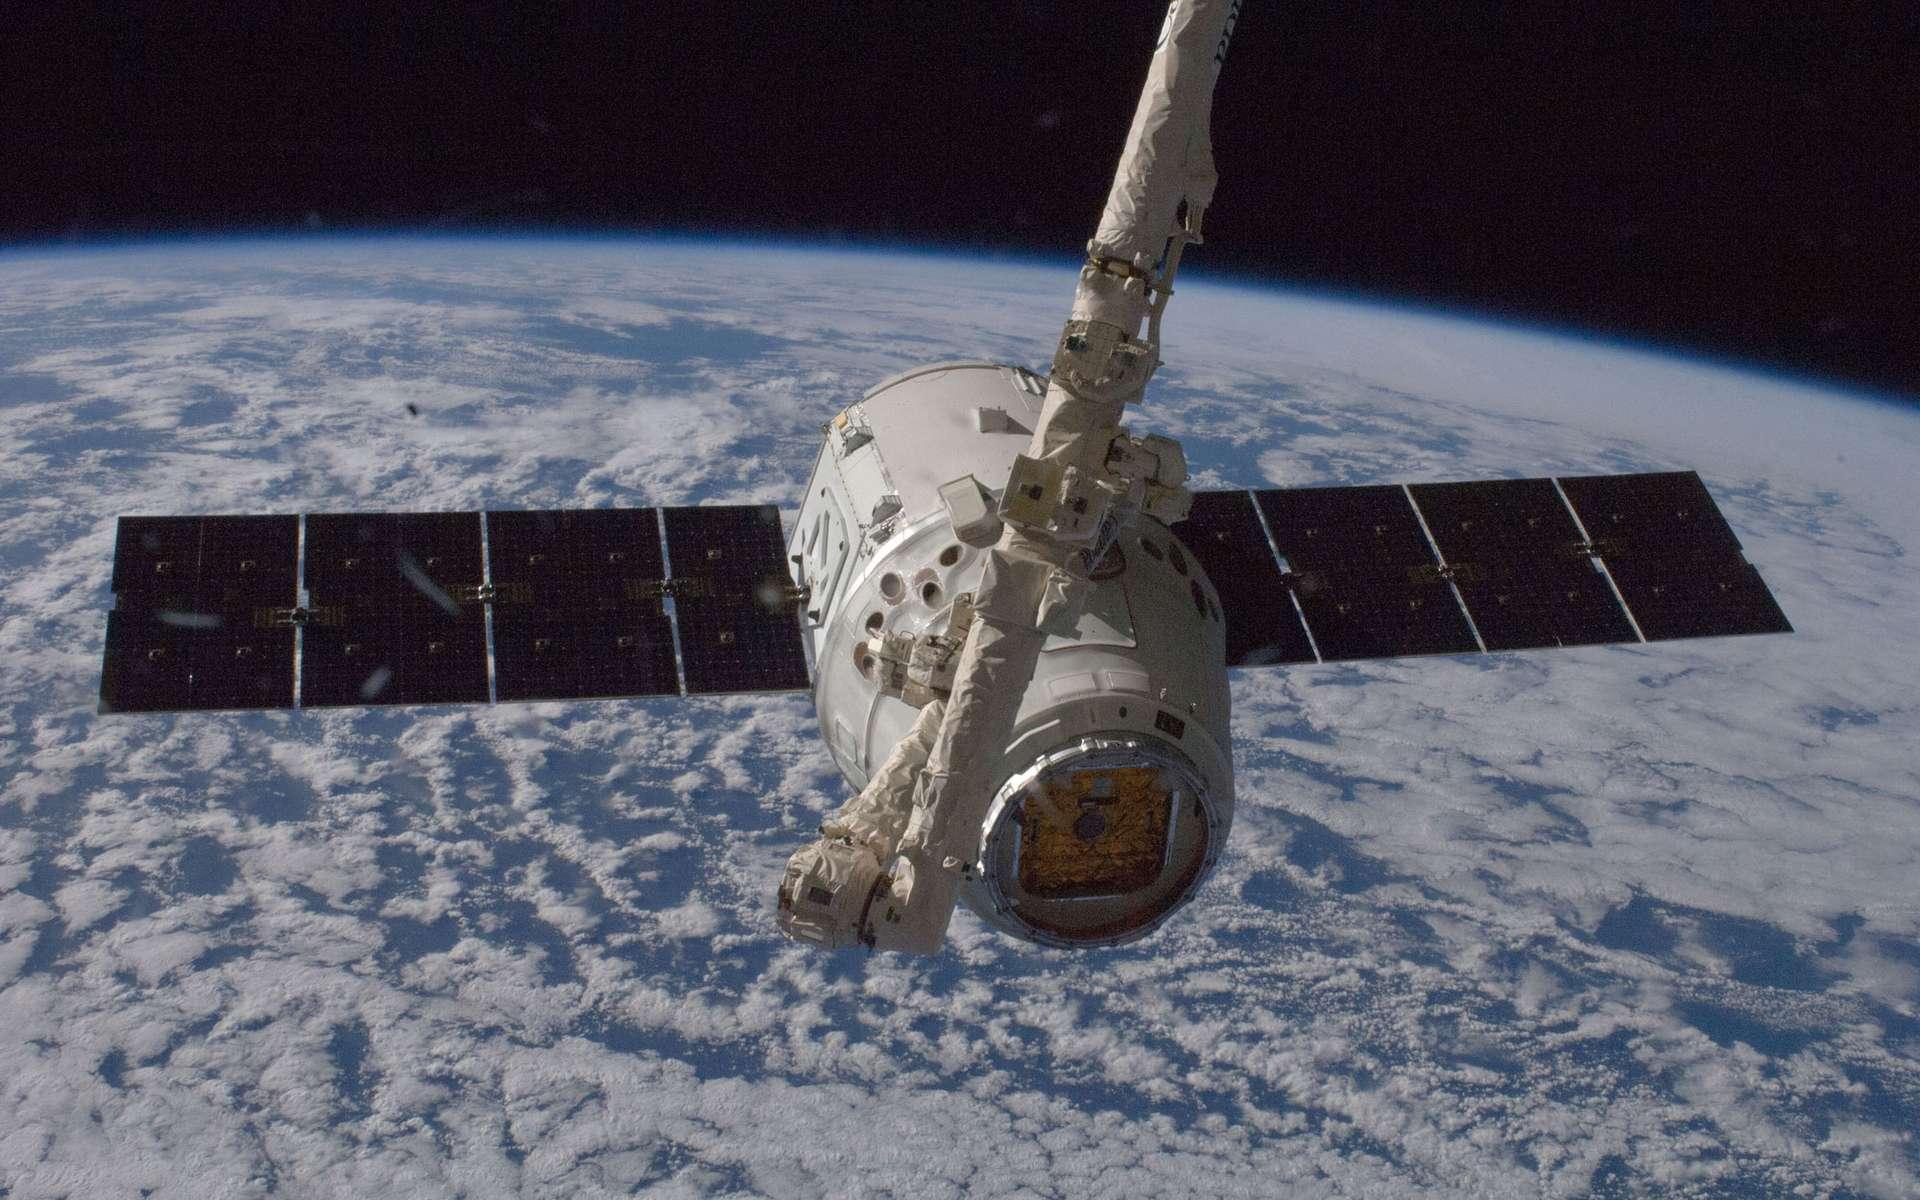 Une capsule Dragon capturée par le bras robotique de la Station spatiale internationale pour être amarrée à son module Harmony. © Nasa